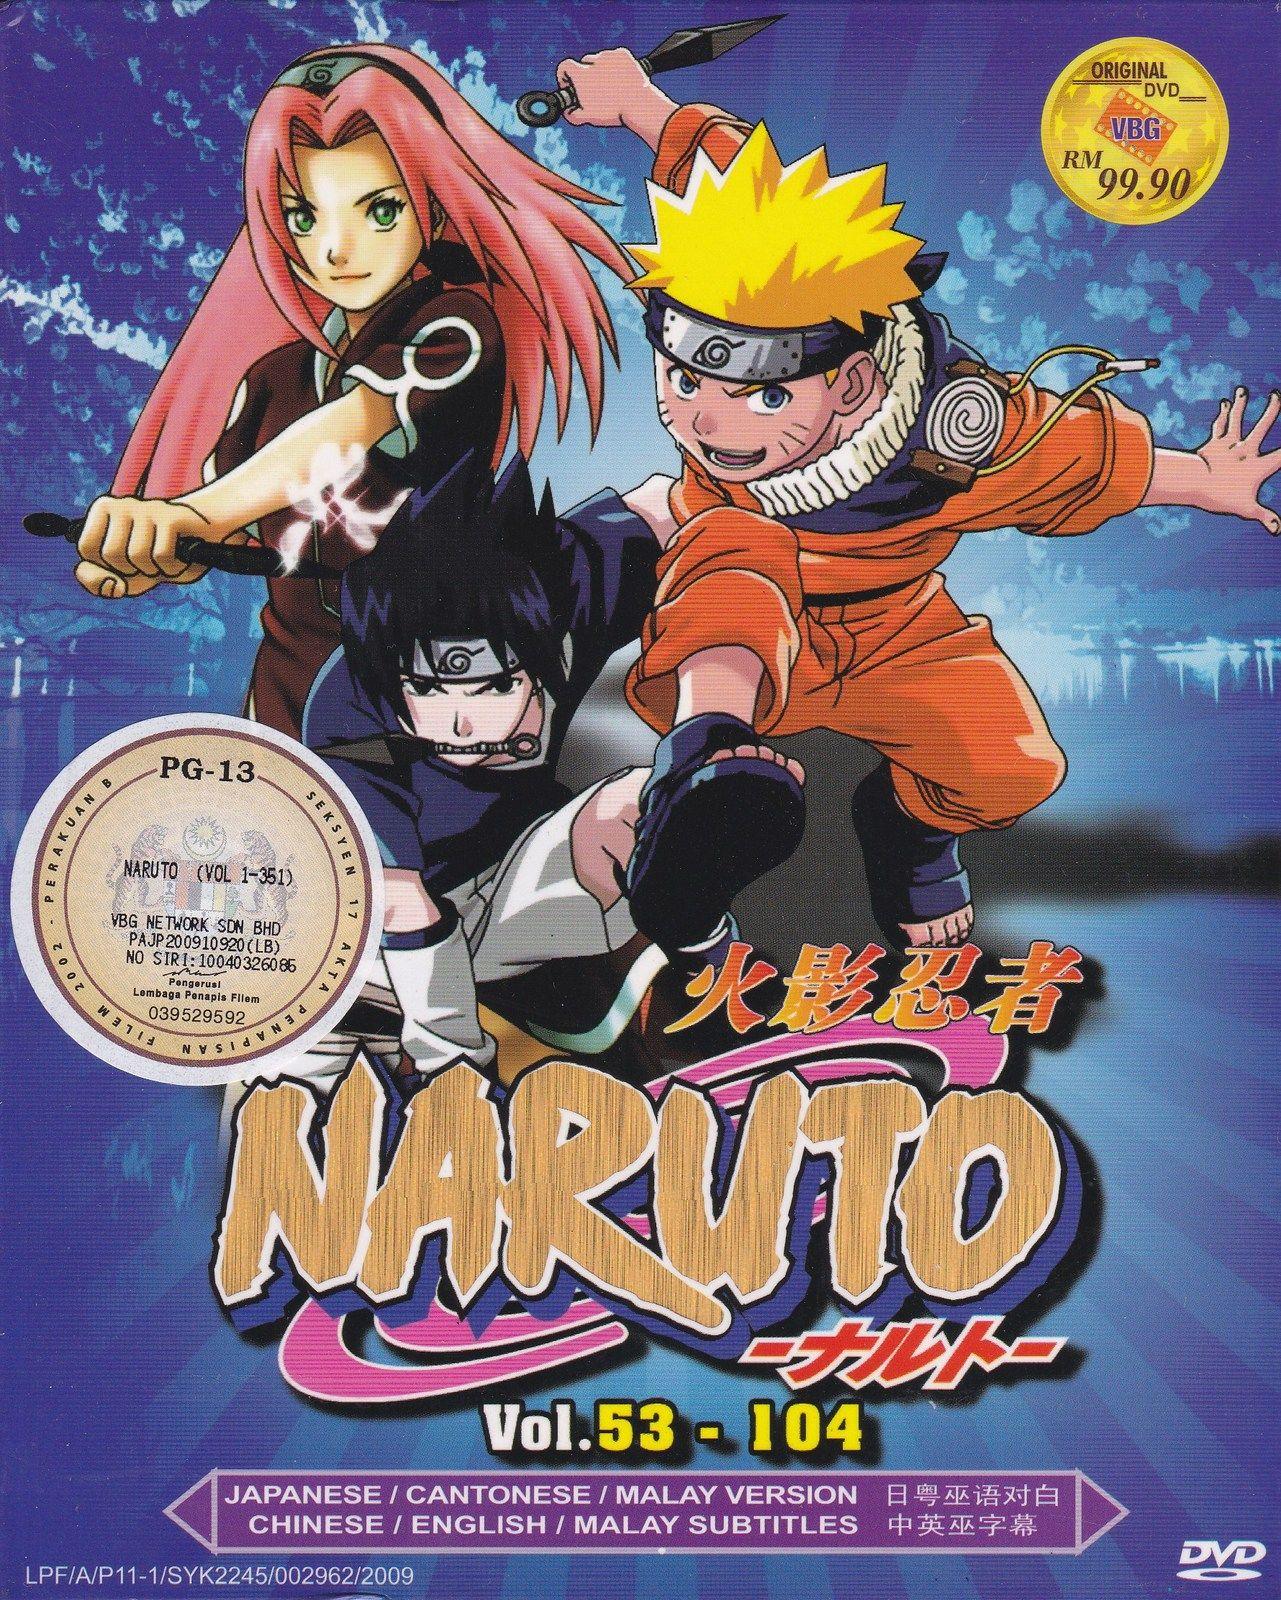 DVD ANIME NARUTO Season 2-3 Vol.53-104 Box Set 52 Episodes